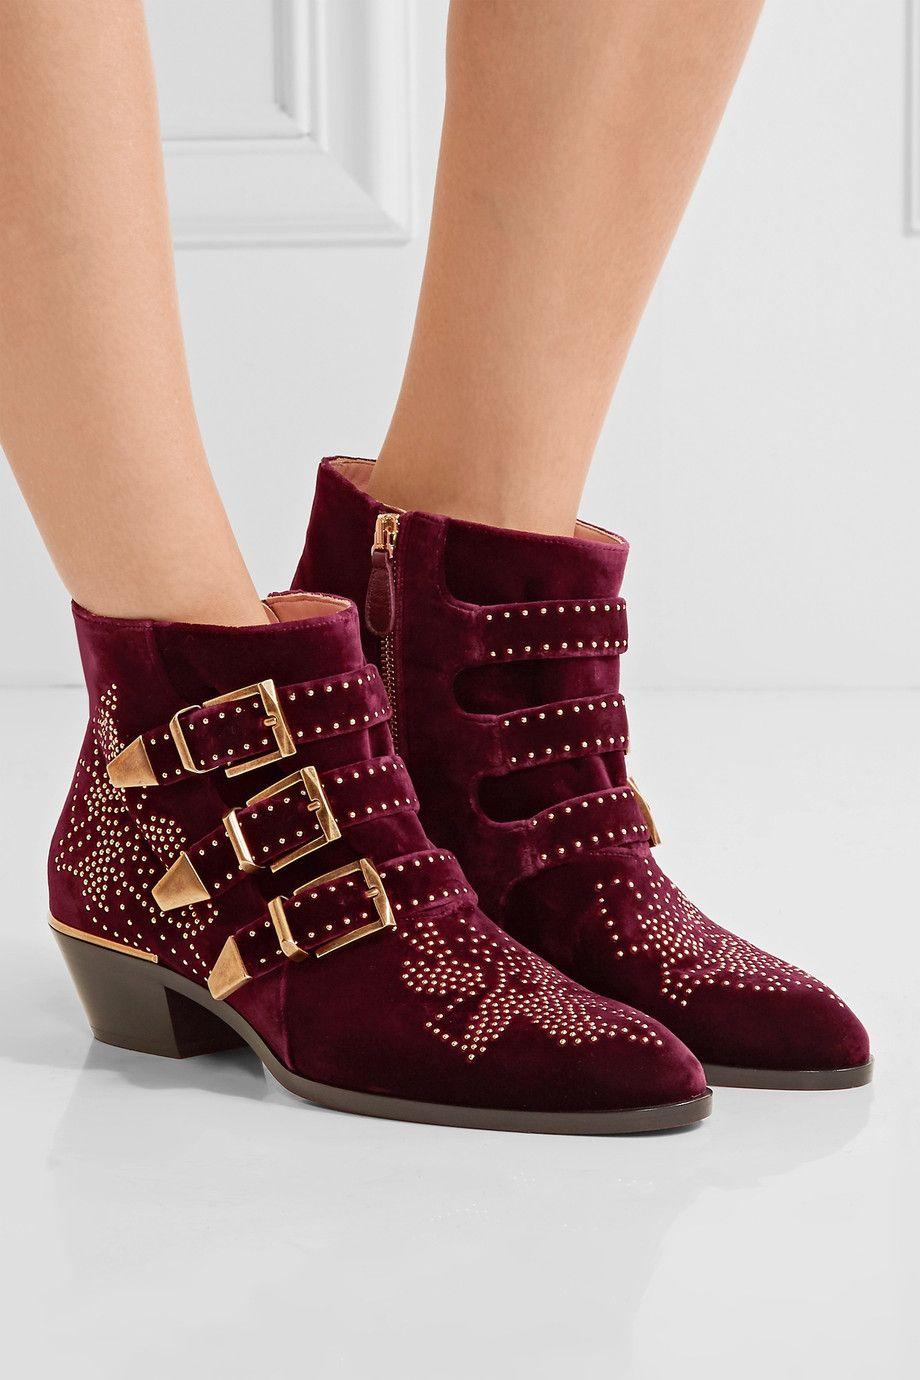 0e6ffc42e4 Chloé | Susanna studded velvet ankle boots | NET-A-PORTER.COM ...